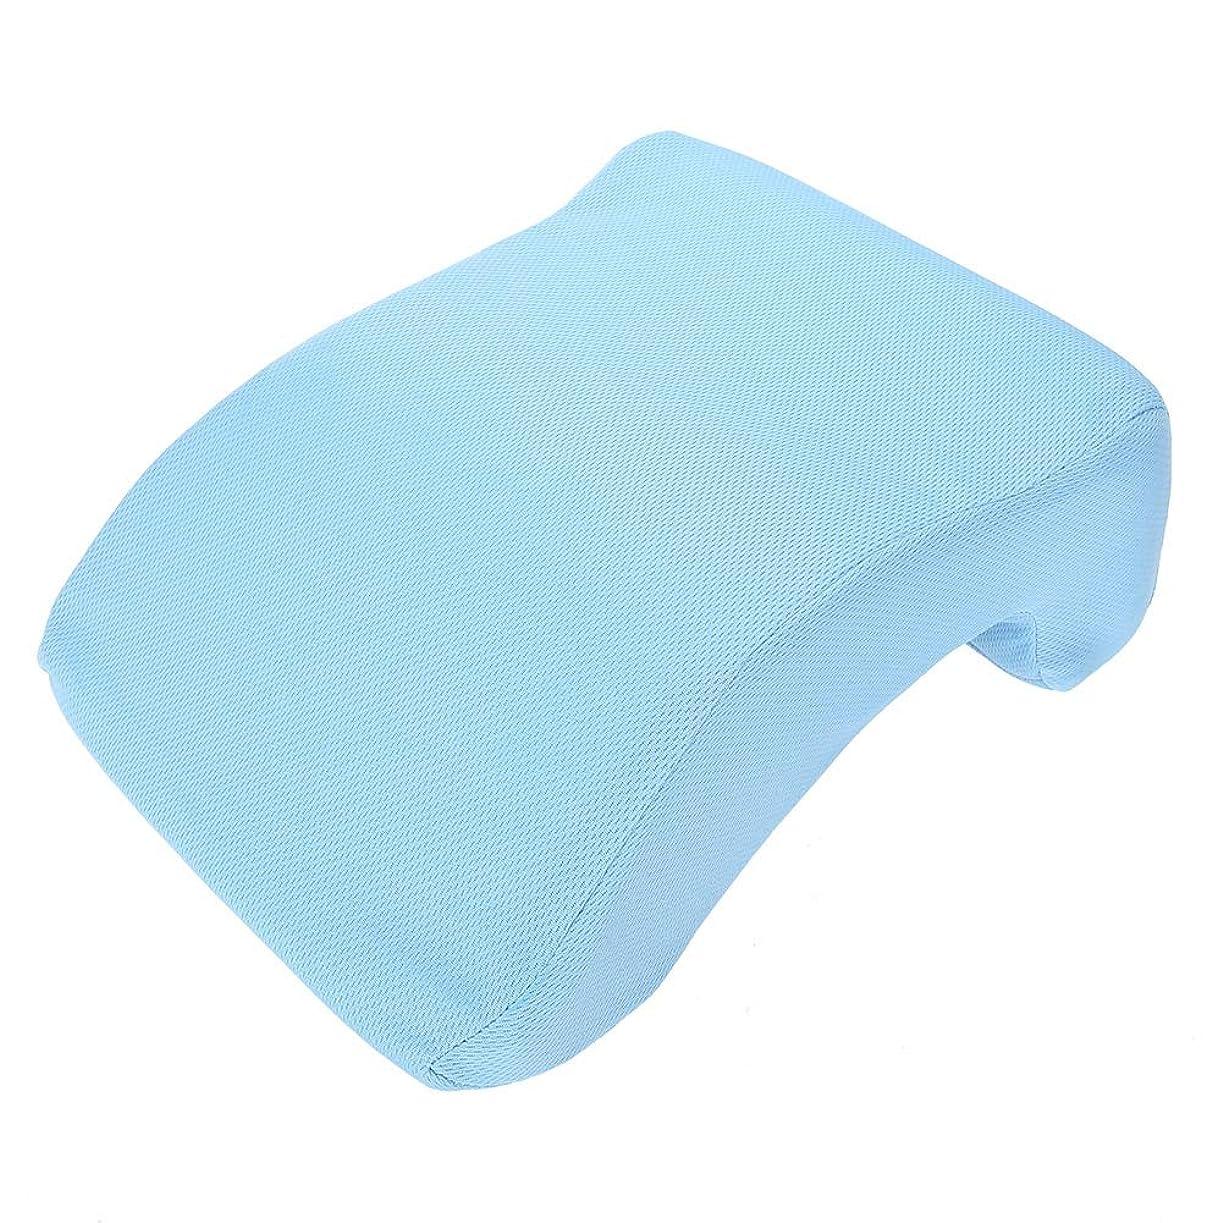 汚い雑多な判定低反発まくら ピロー マッサージ枕 首?頭?肩をやさしく支える 安眠枕 快眠グッズ 柔らかい 洗えるやすい